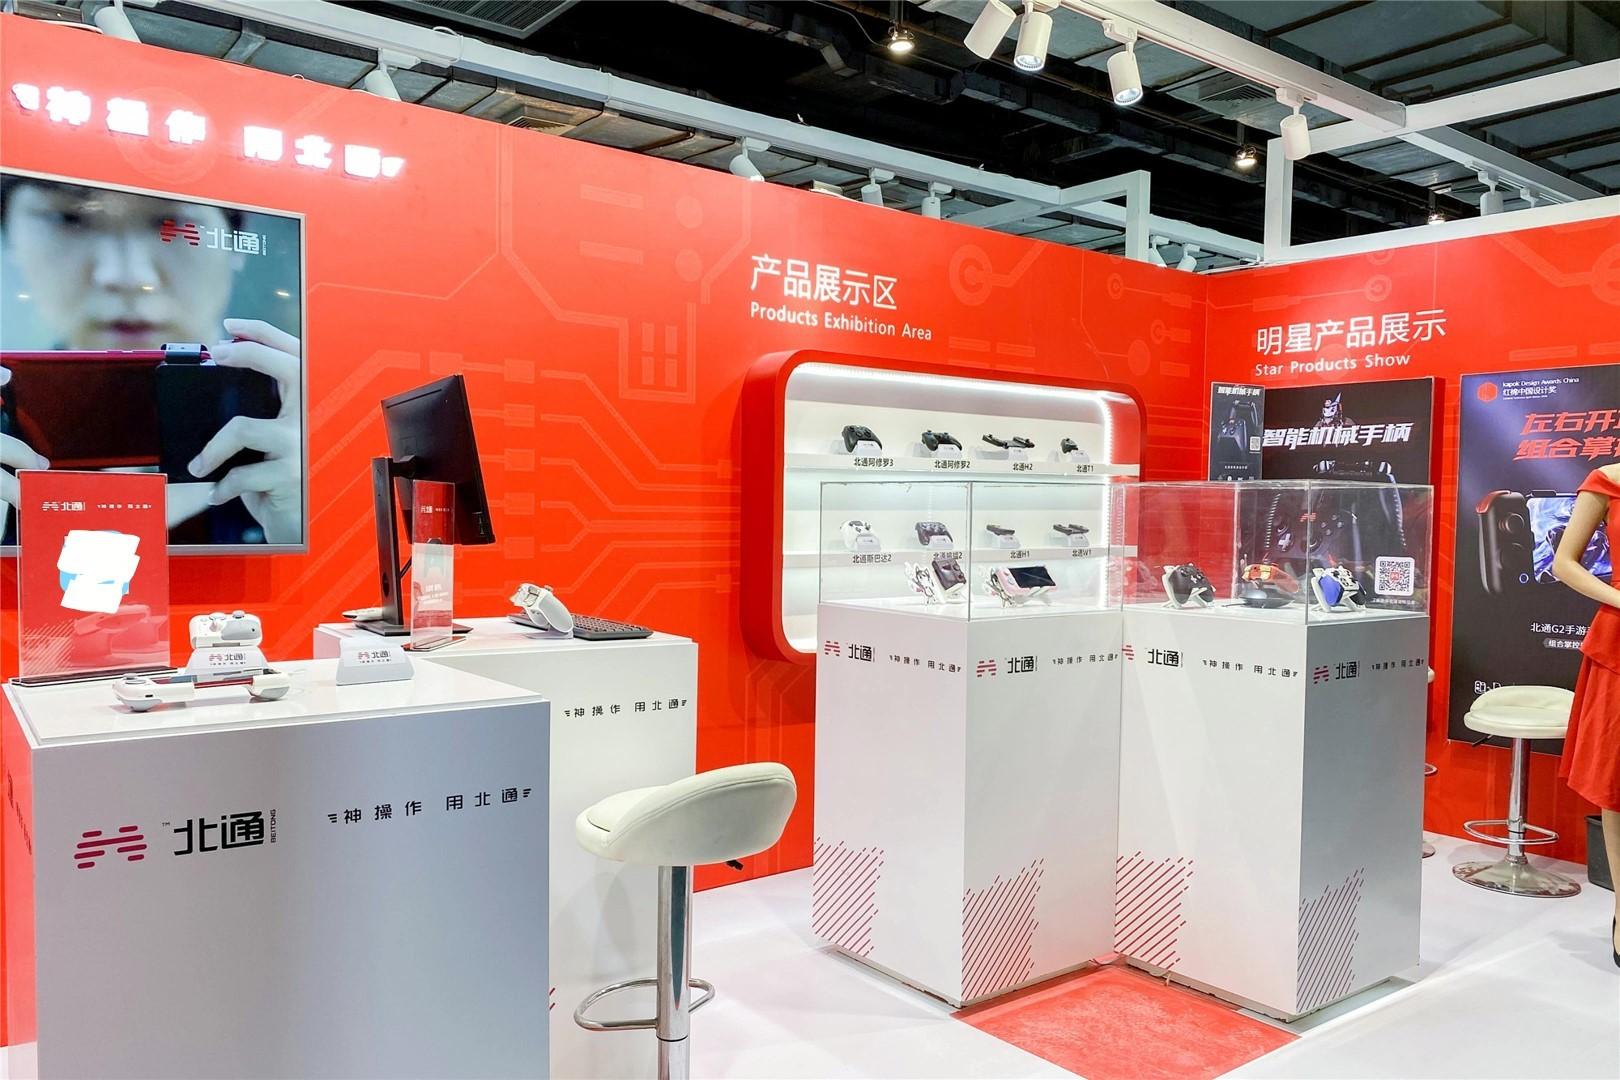 权威认可 红棉中国设计奖得奖作品北通G2亮相2020广州设计周!